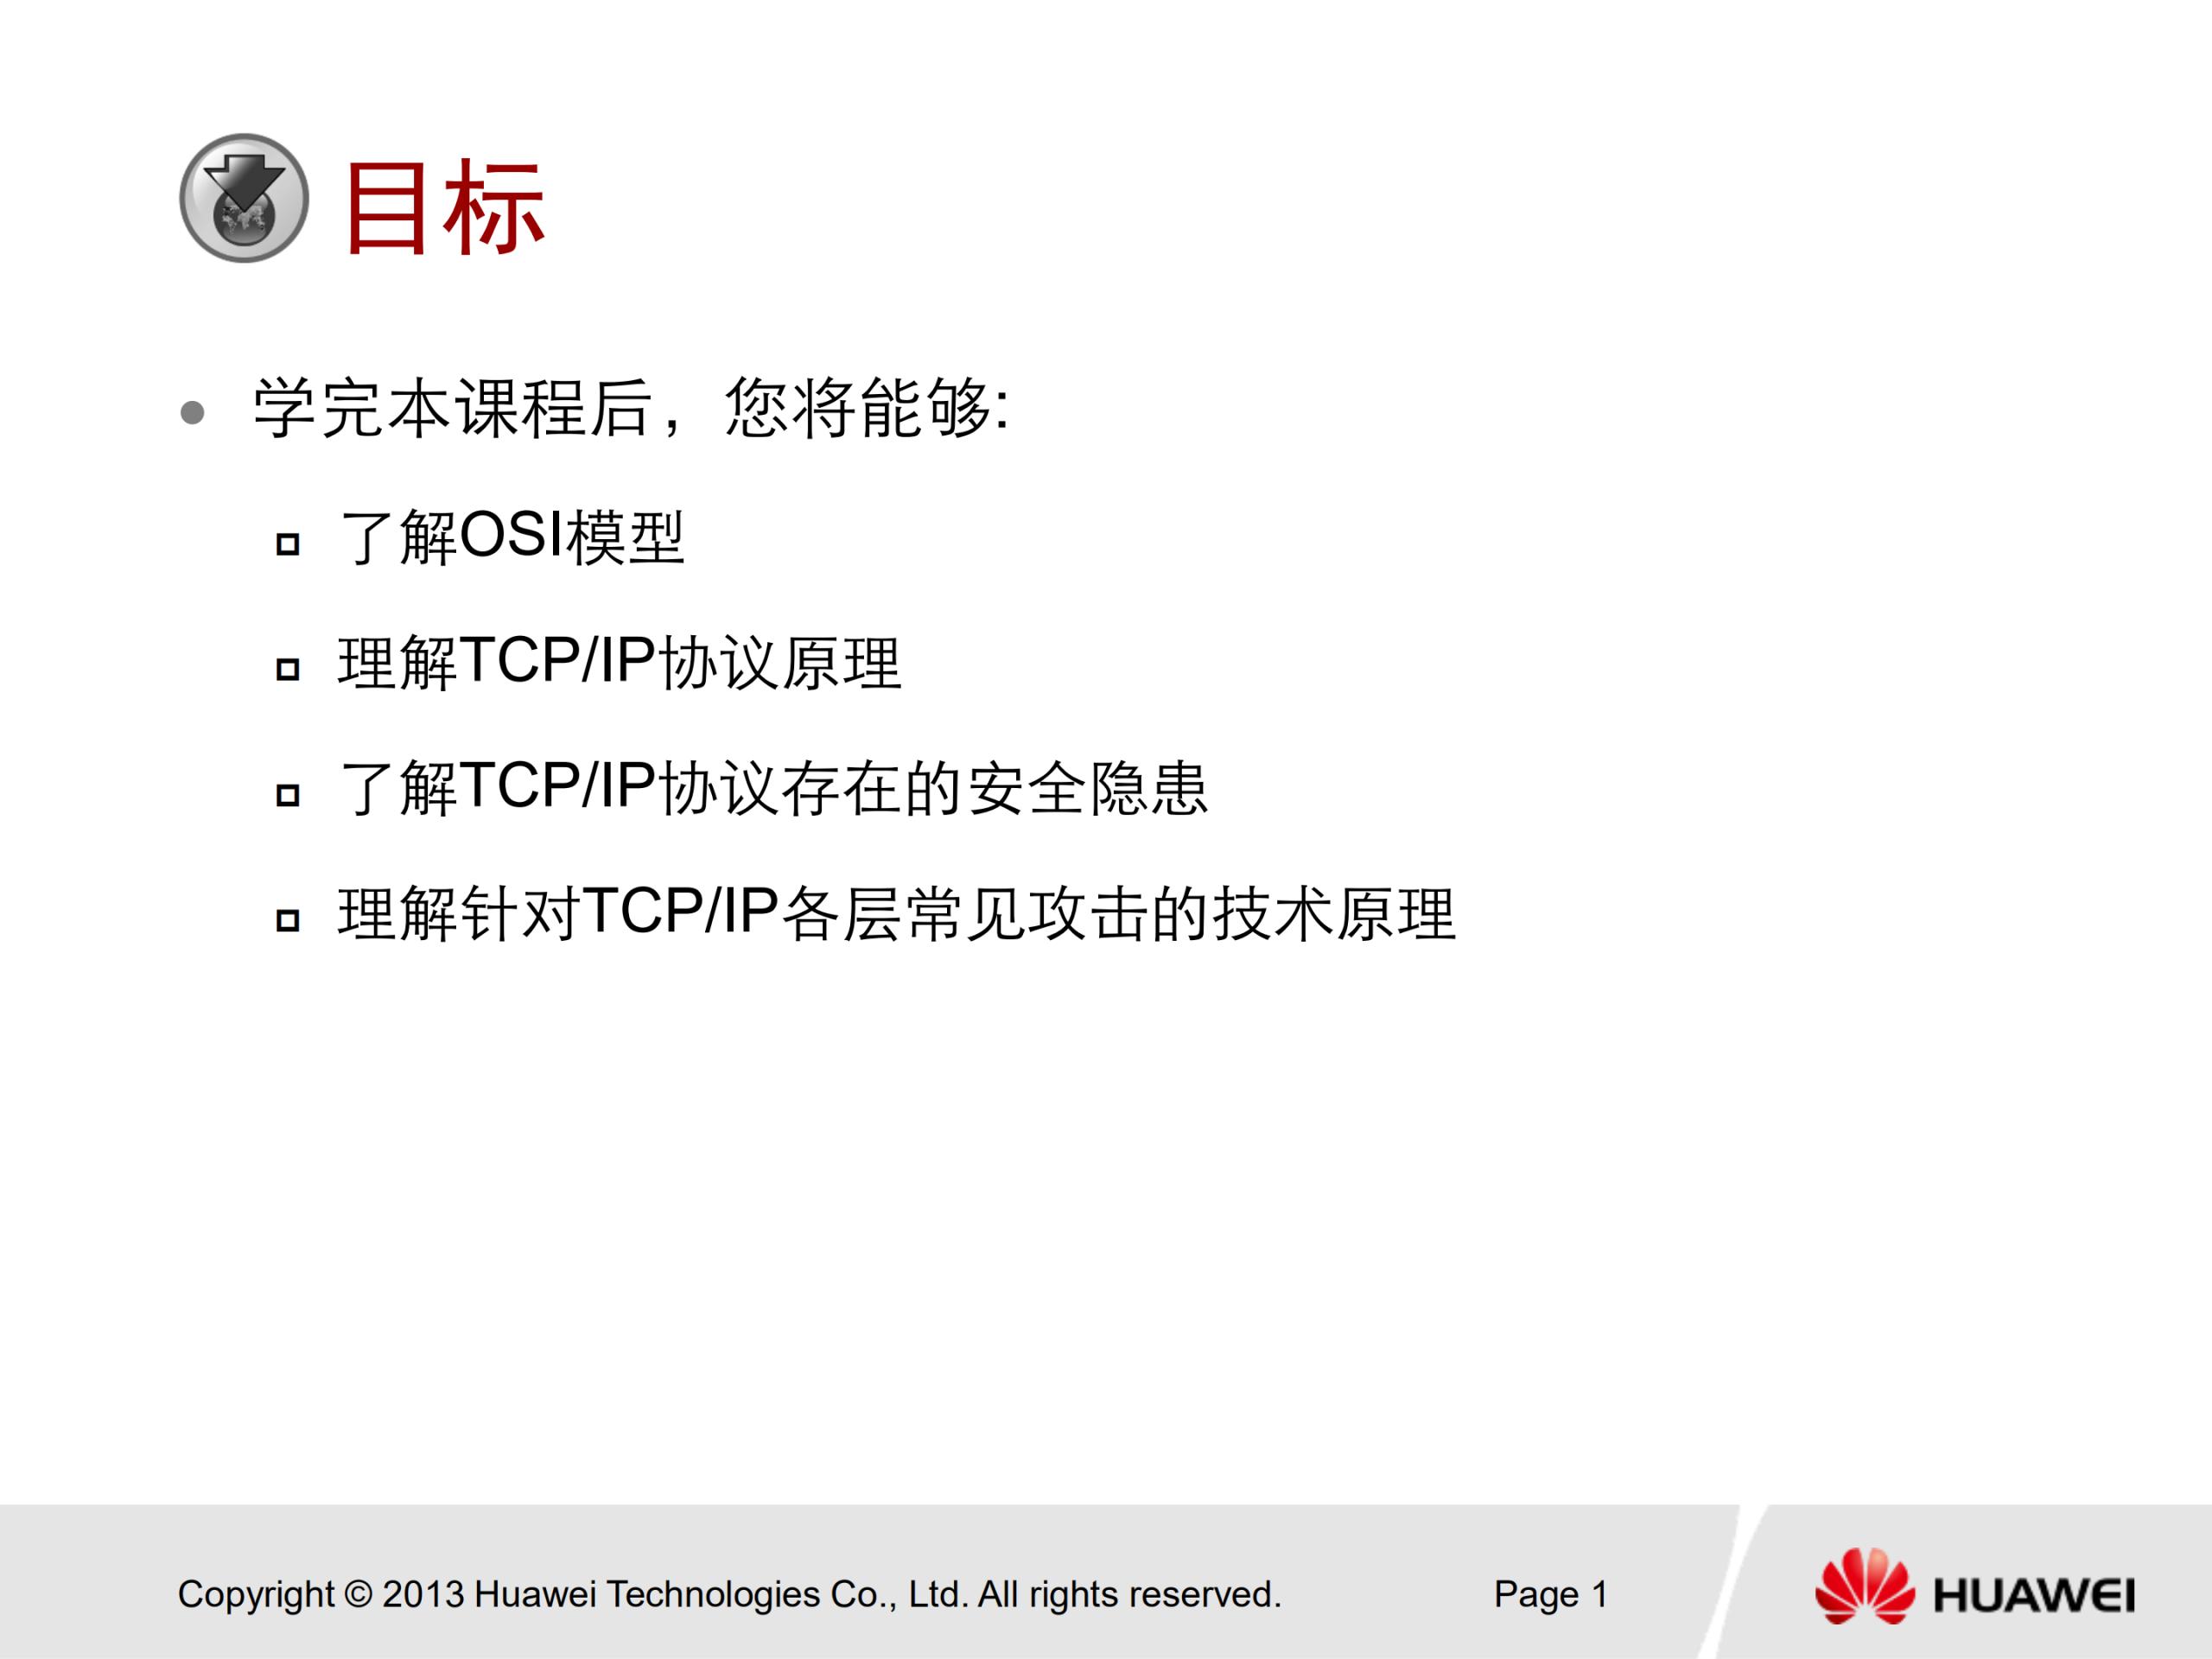 华为安全认证 HCNA Security 中文培训教学PPT V2.0 - 44